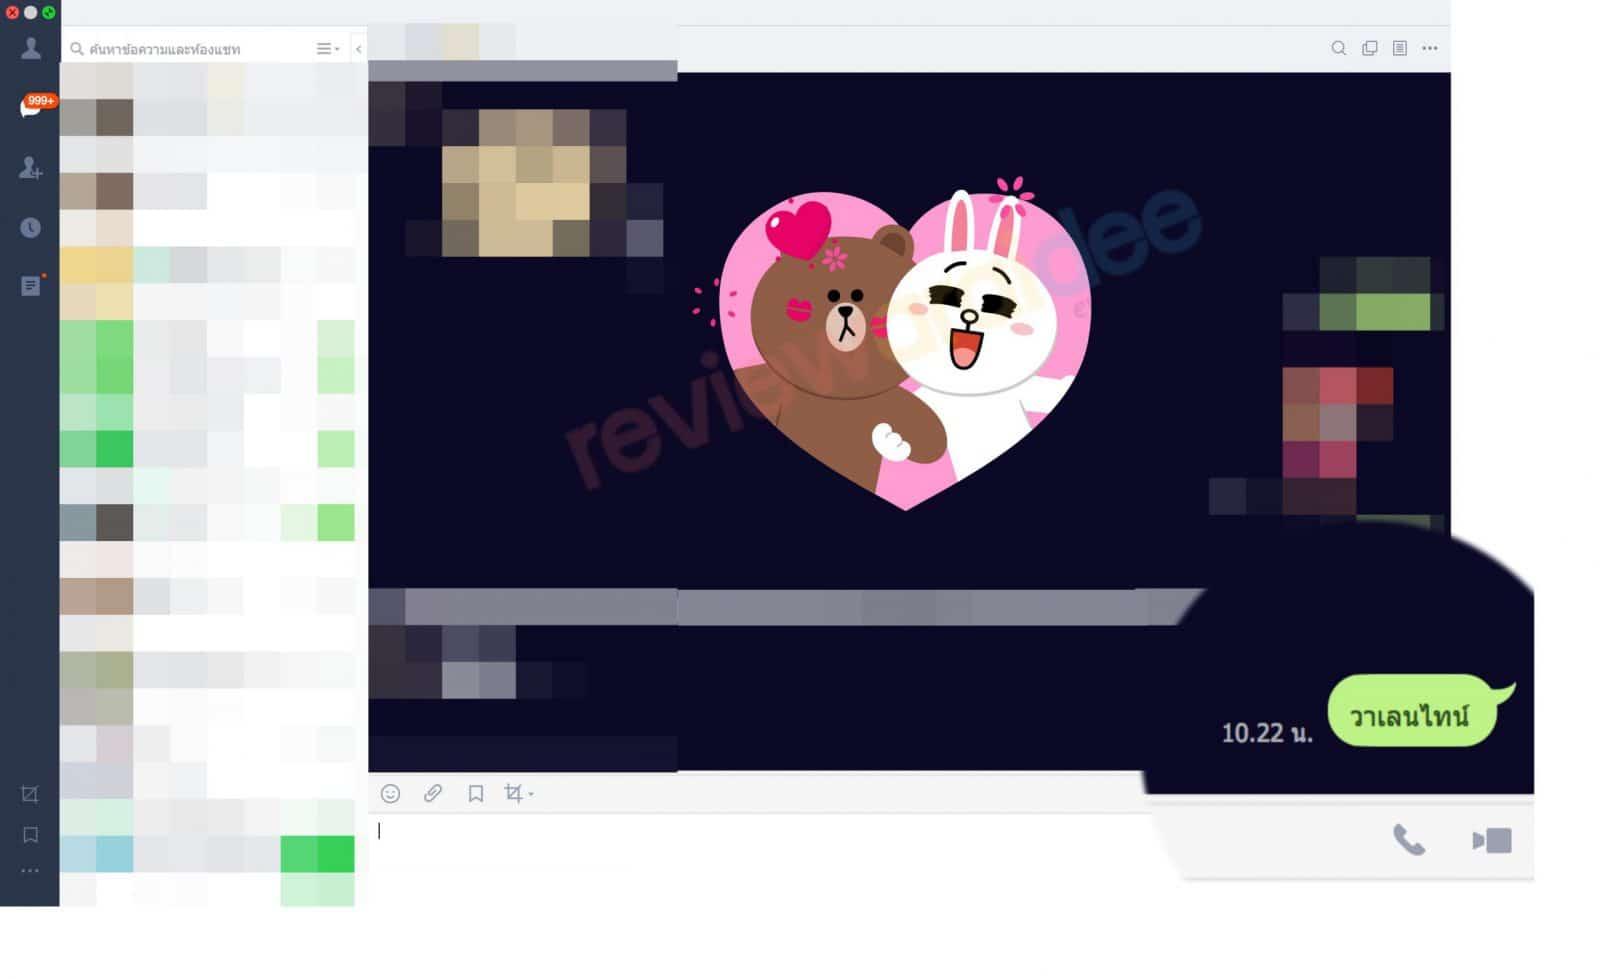 ฟีเจอร์ line chat วาเลนไทน์ แค่พิมพ์ 'รัก' เจอ Brown & Cony รูปหัวใจสีชมพู ปี 2020